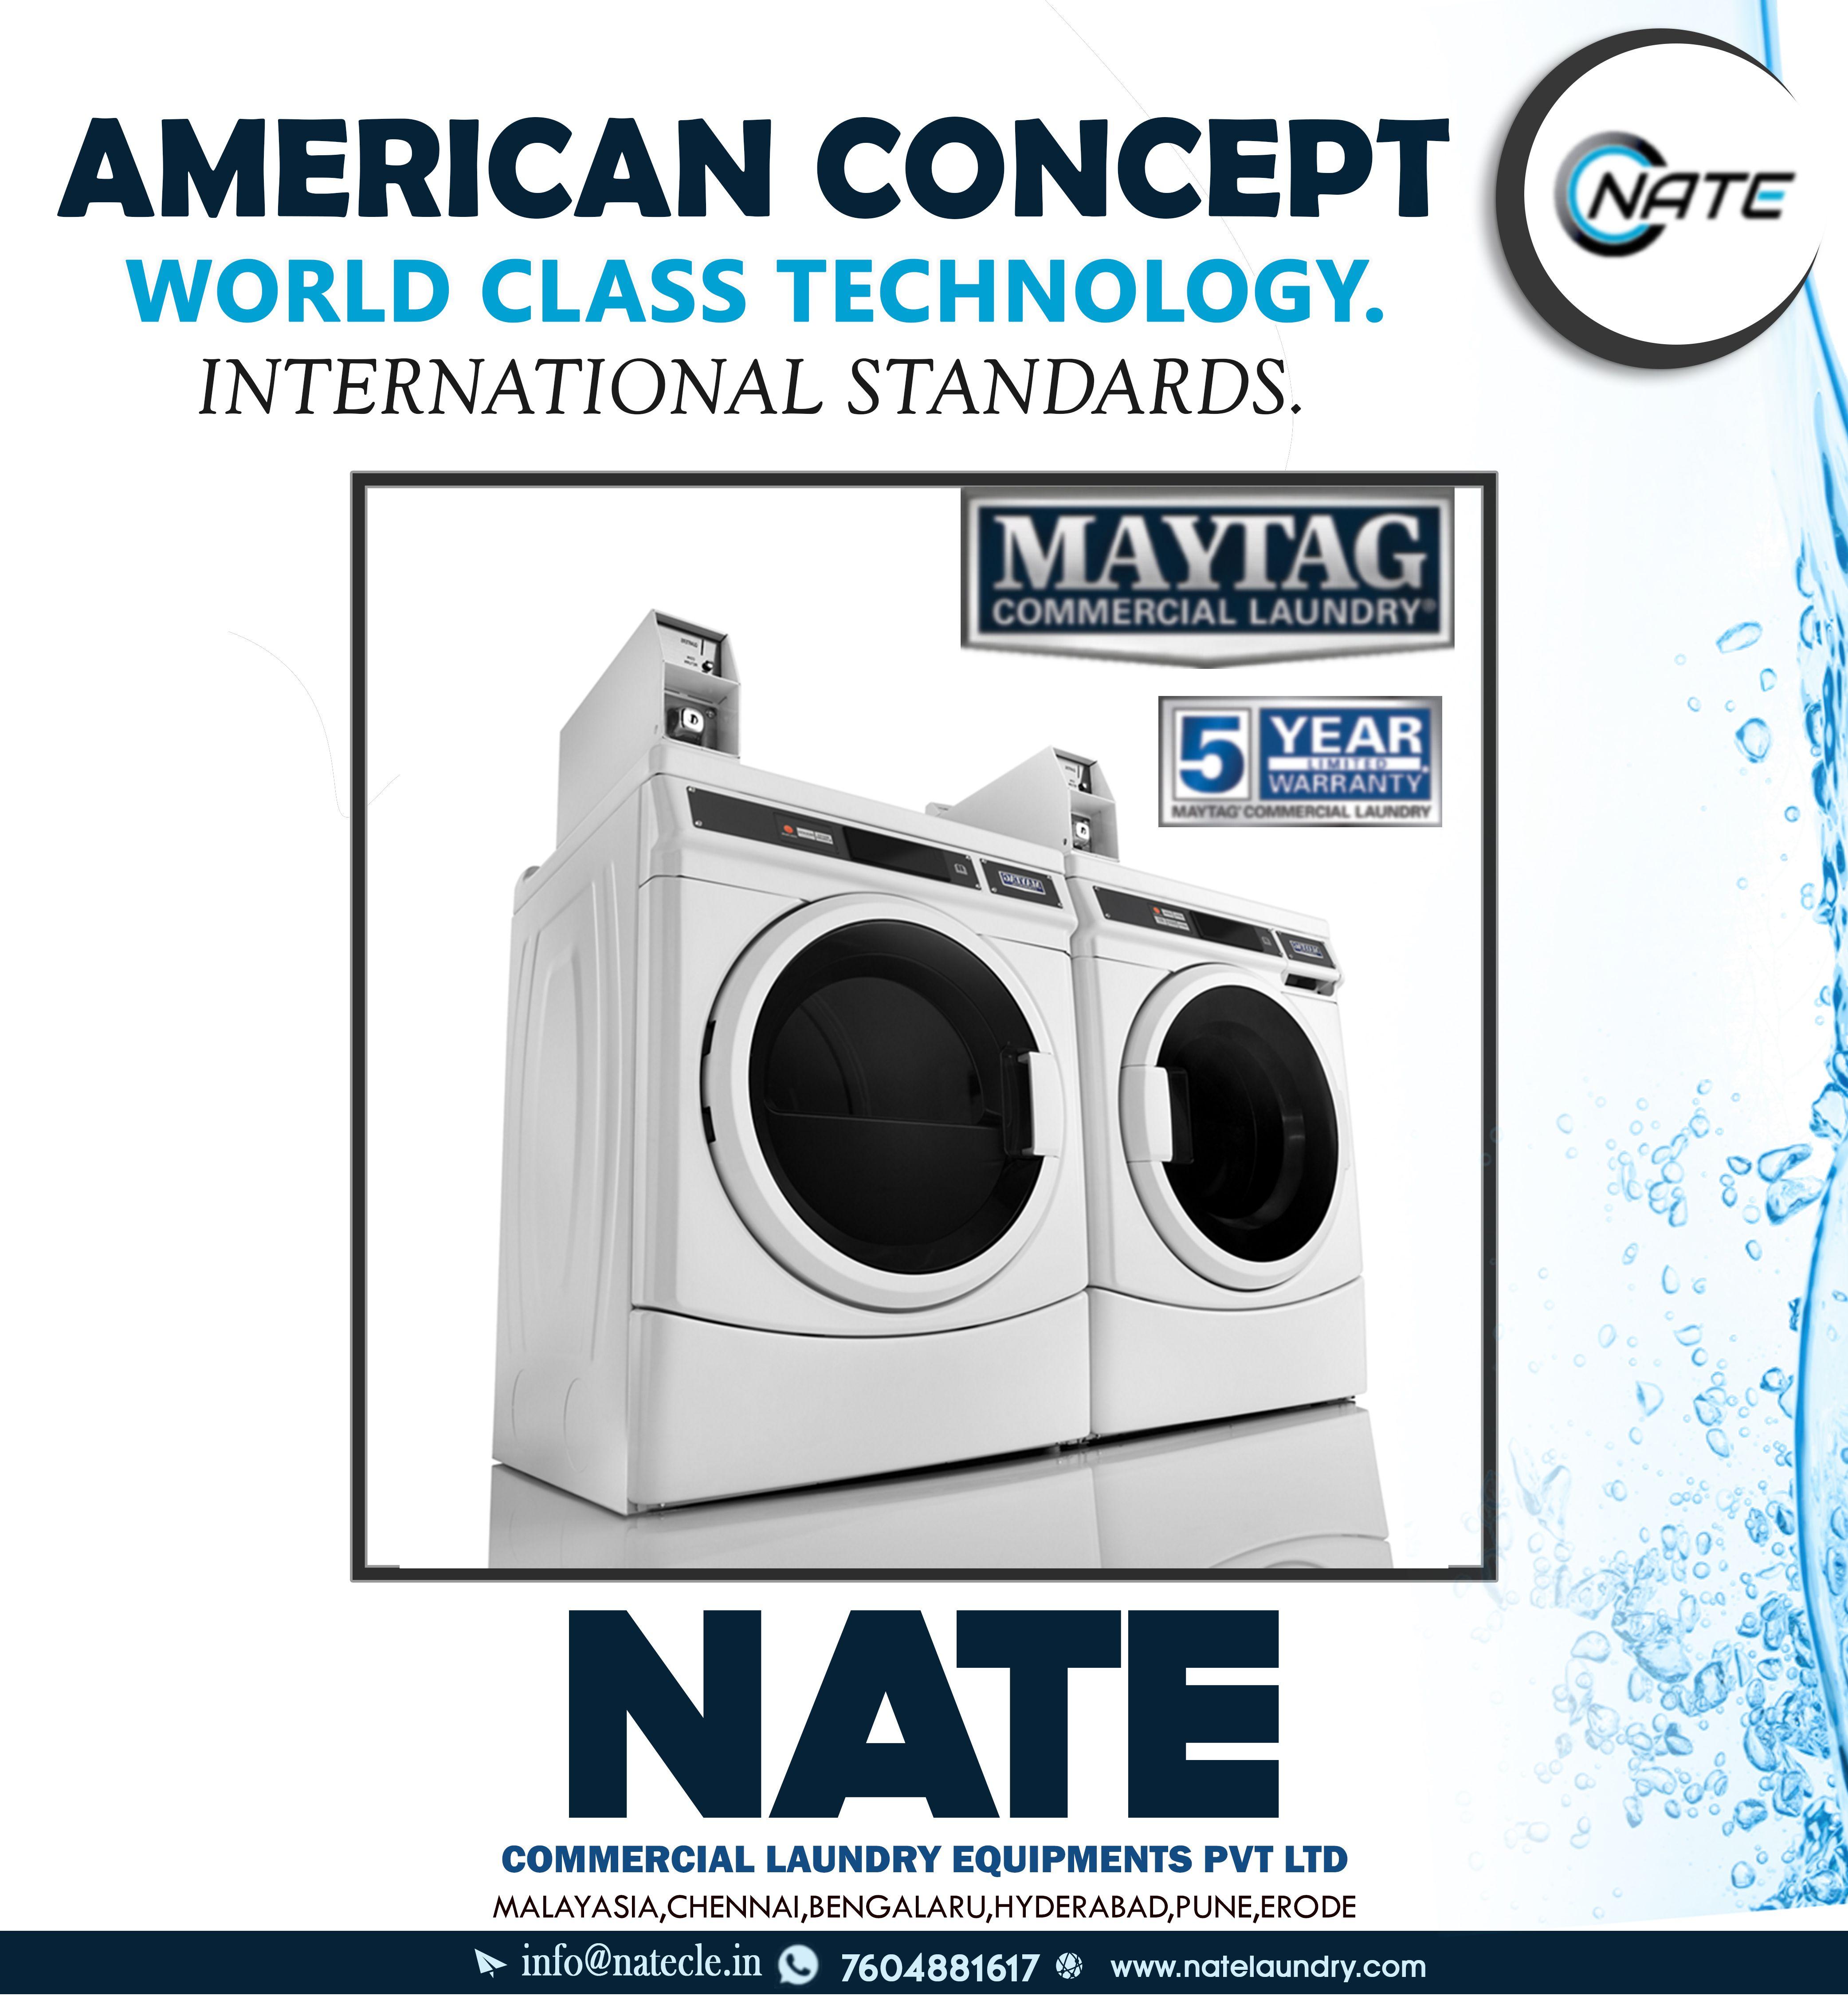 Call 91 7604881617 Dryer Washer Washingtips Washclothes